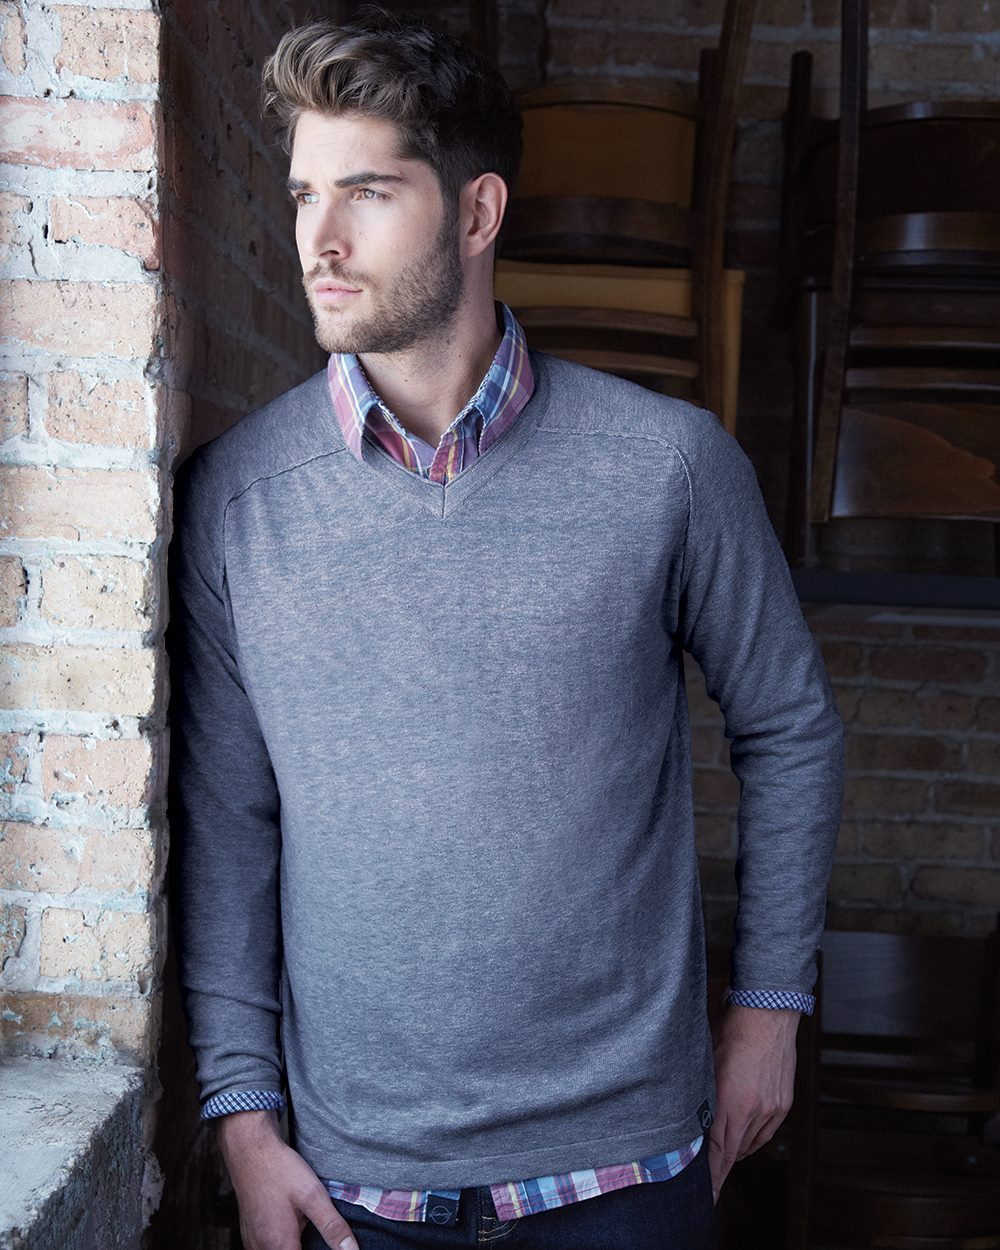 Weatherproof 151388 - Vintage Denim V Neck Cotton Sweater